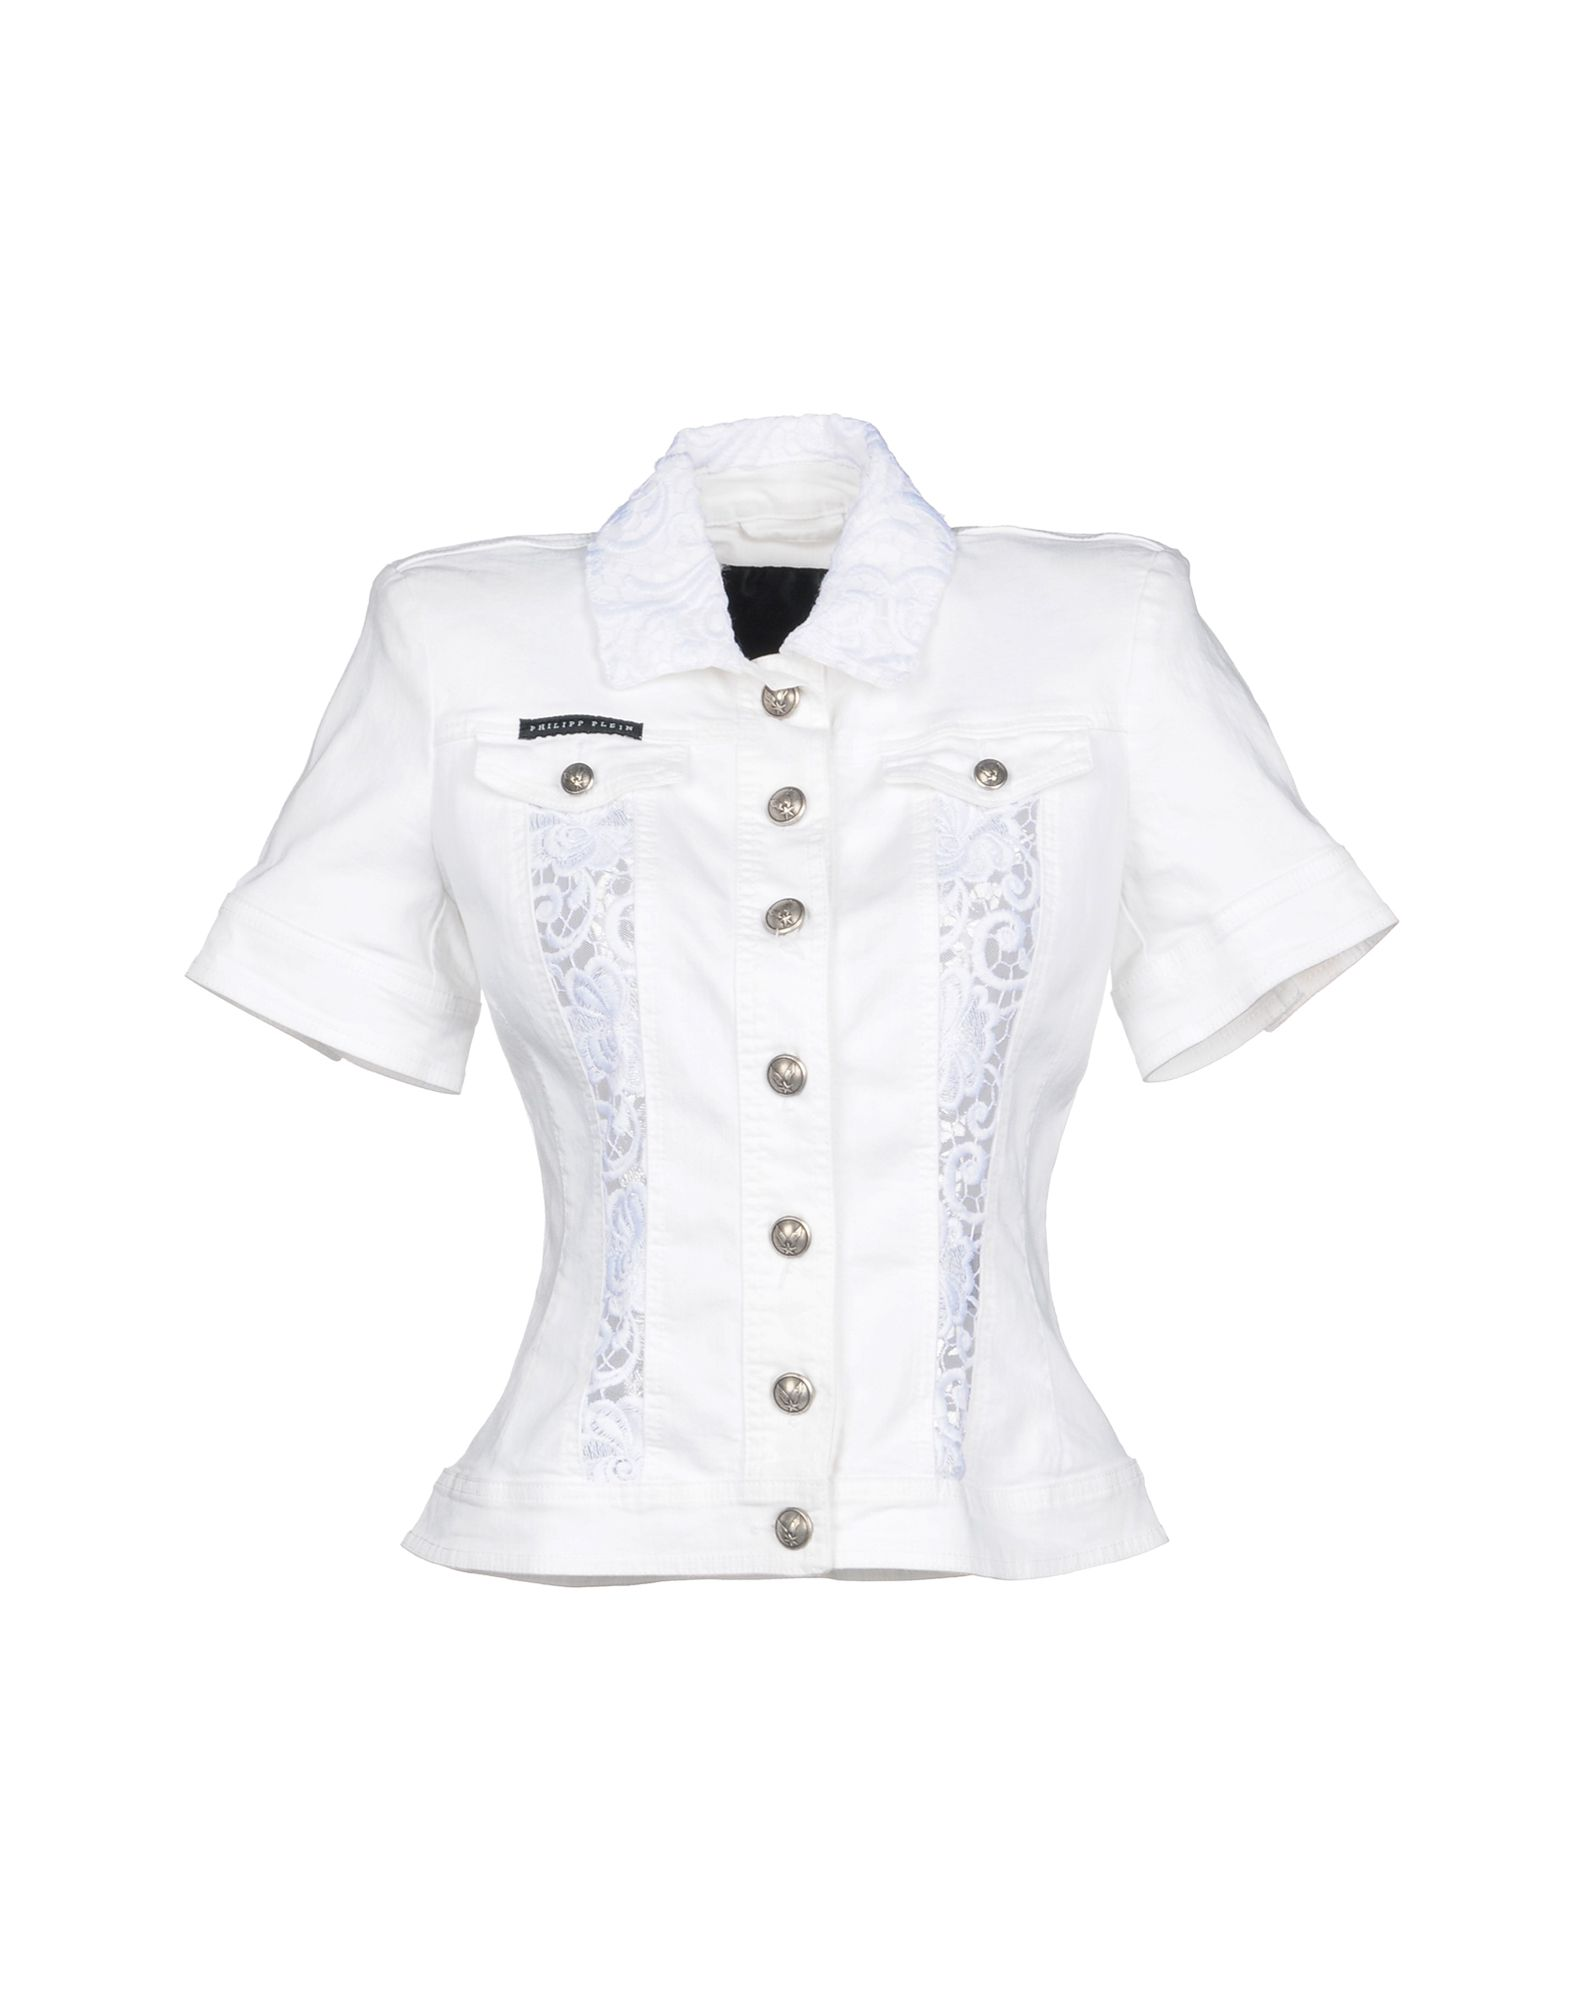 PHILIPP PLEIN Джинсовая верхняя одежда футболка via montenapoleone philipp plein